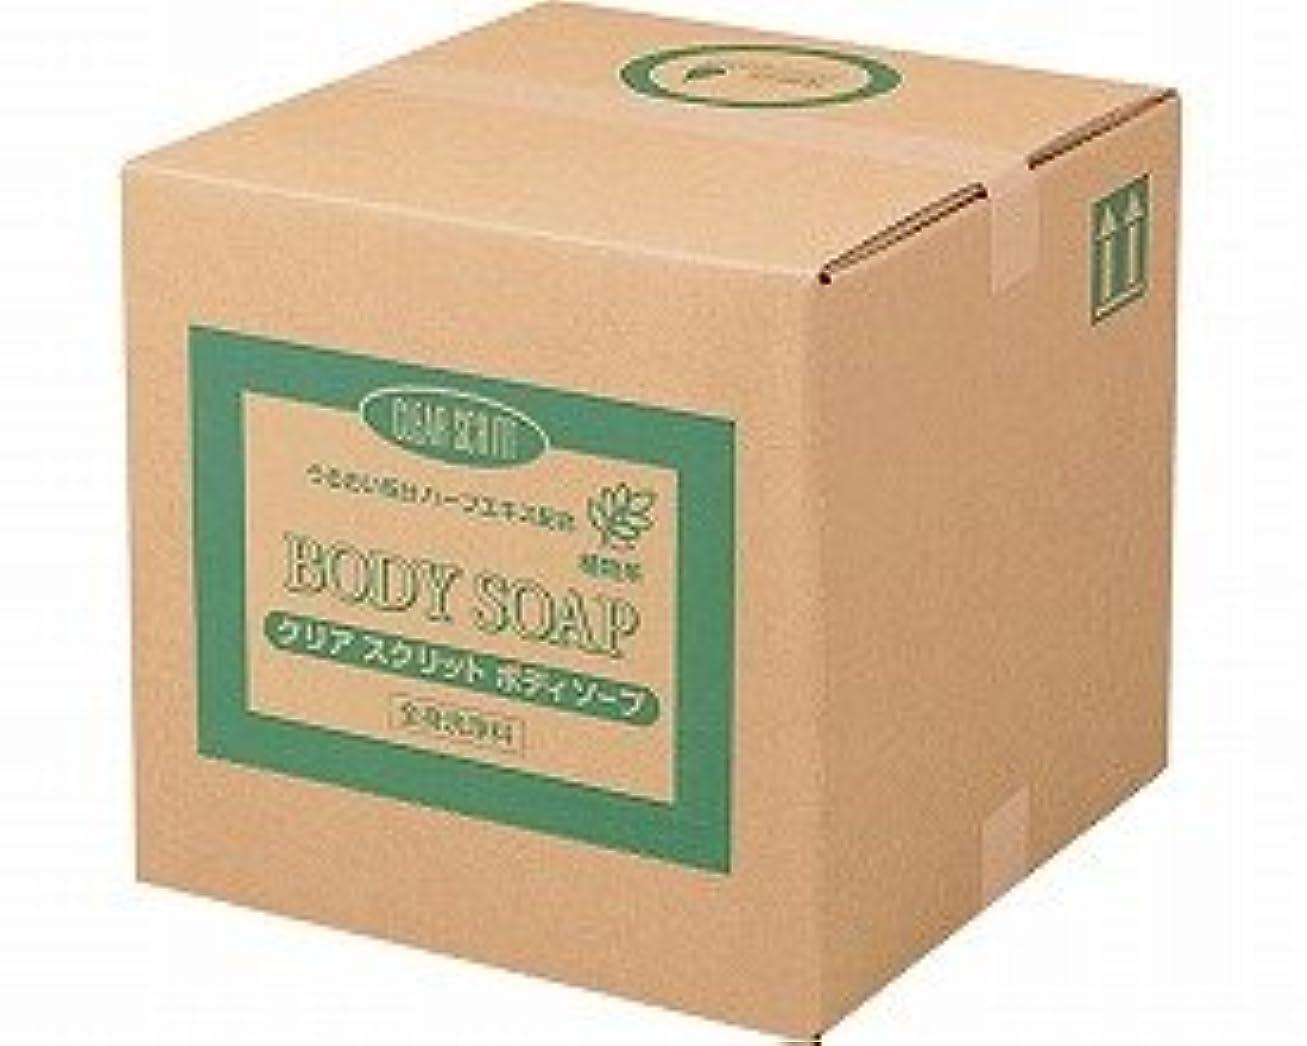 海外思いやり父方のCLEAR SCRITT(クリアスクリット) ボディソープ 18L コック付 4355 (熊野油脂) (清拭小物)